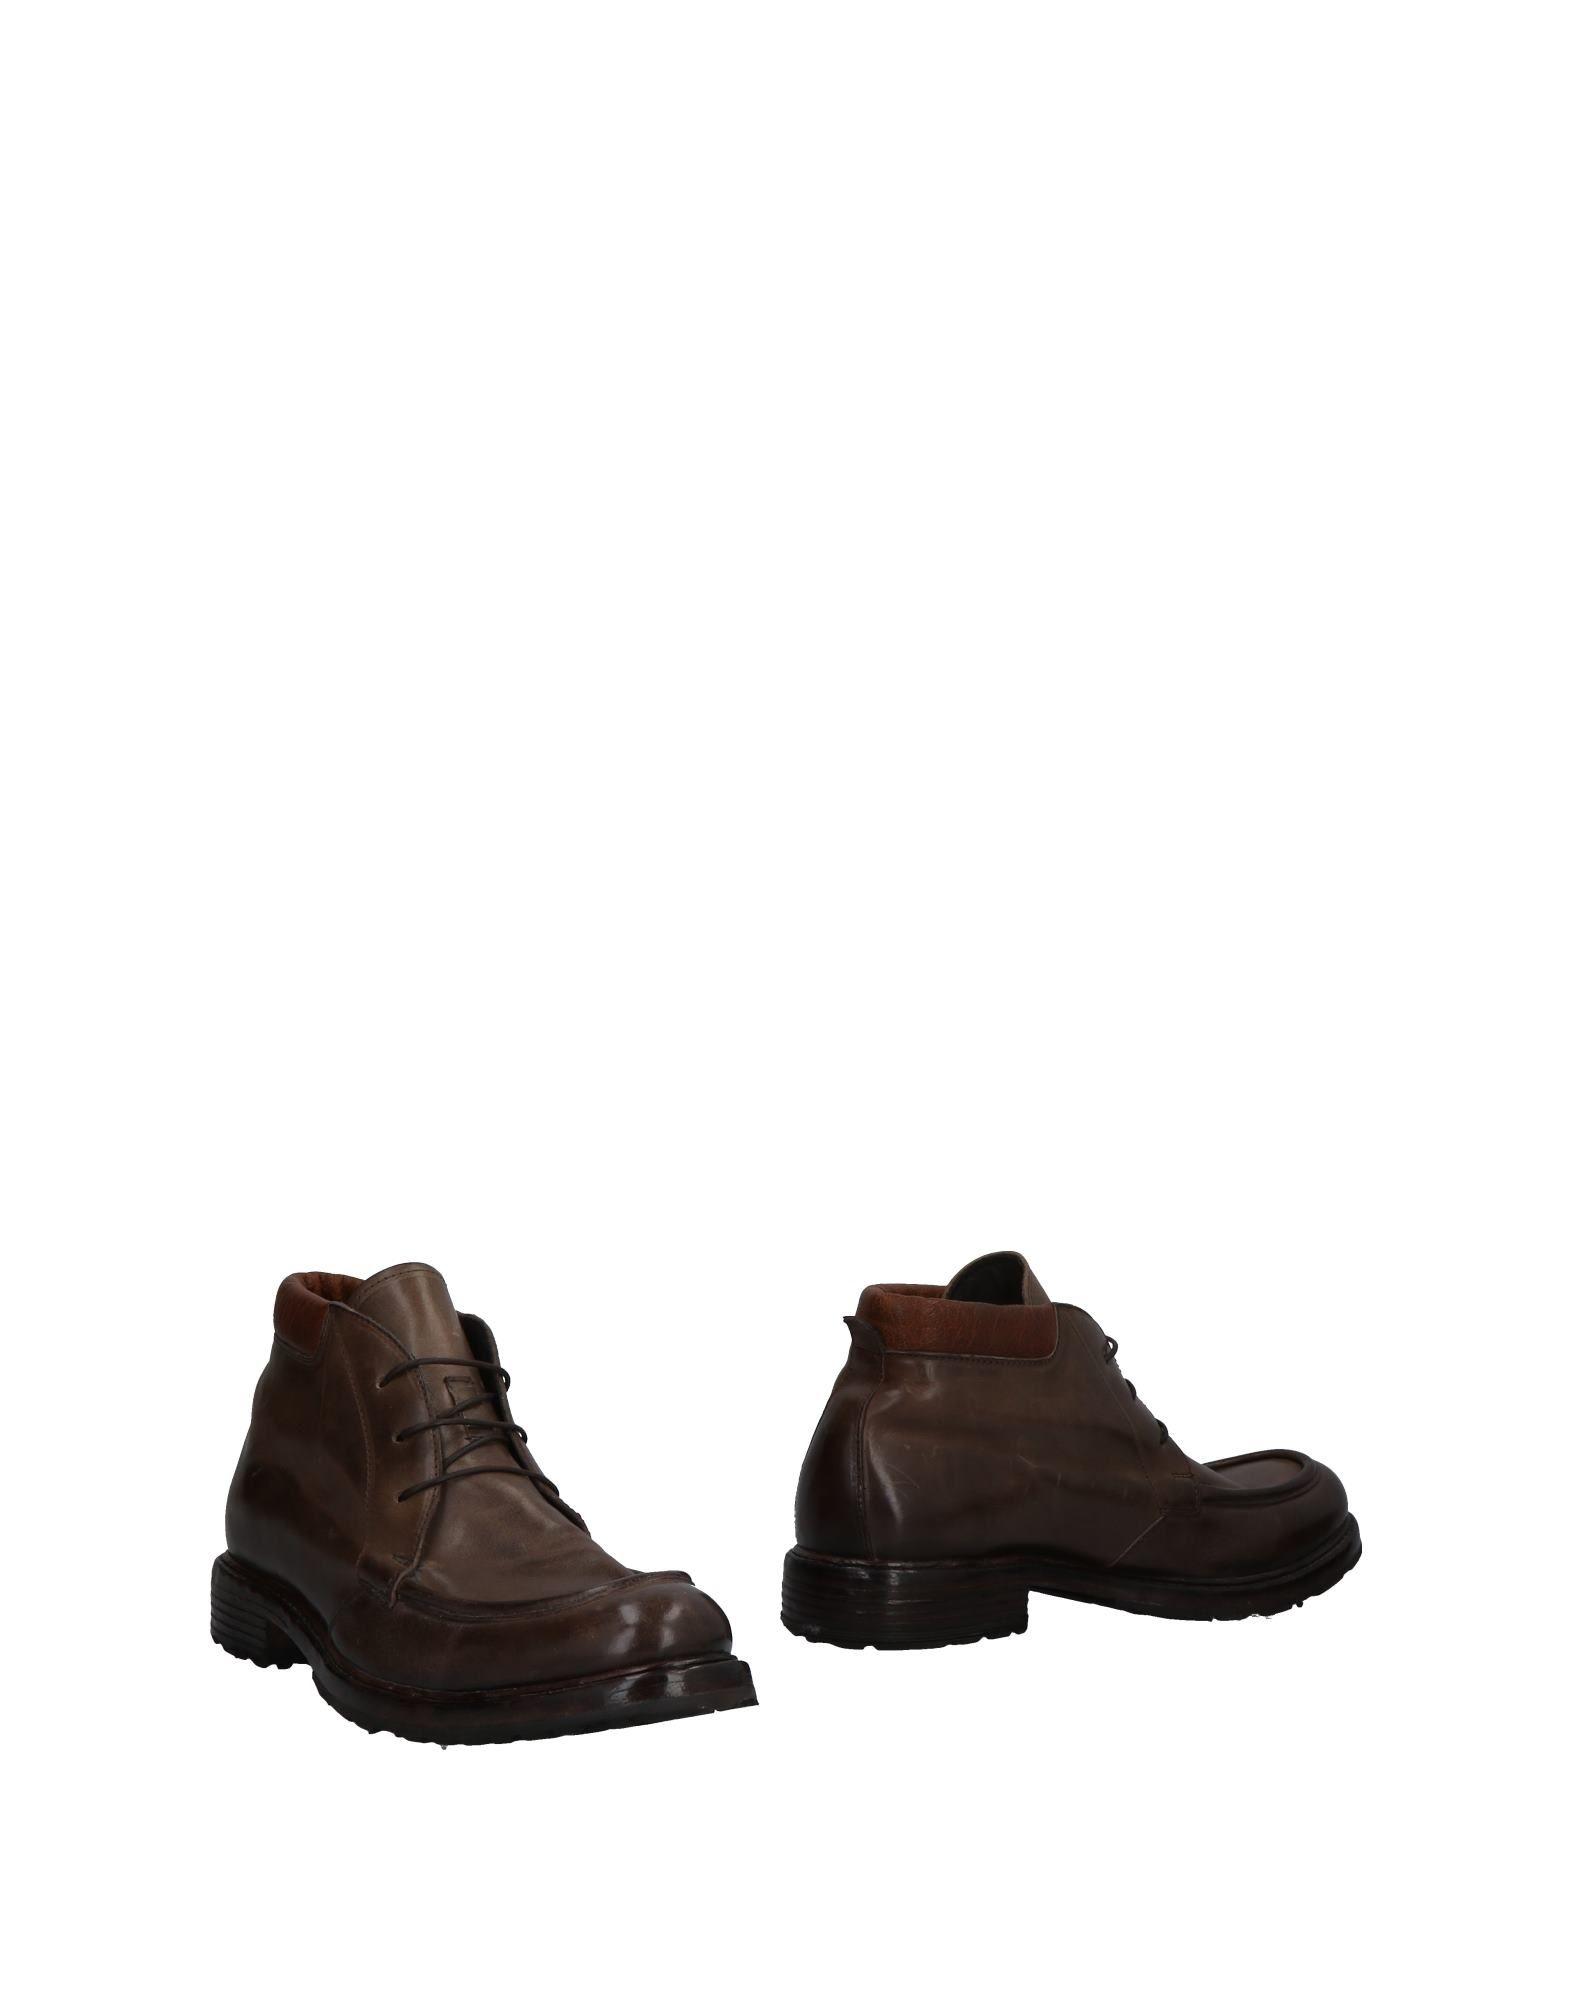 Moma Stiefelette Herren  11491977GD Gute Qualität beliebte Schuhe